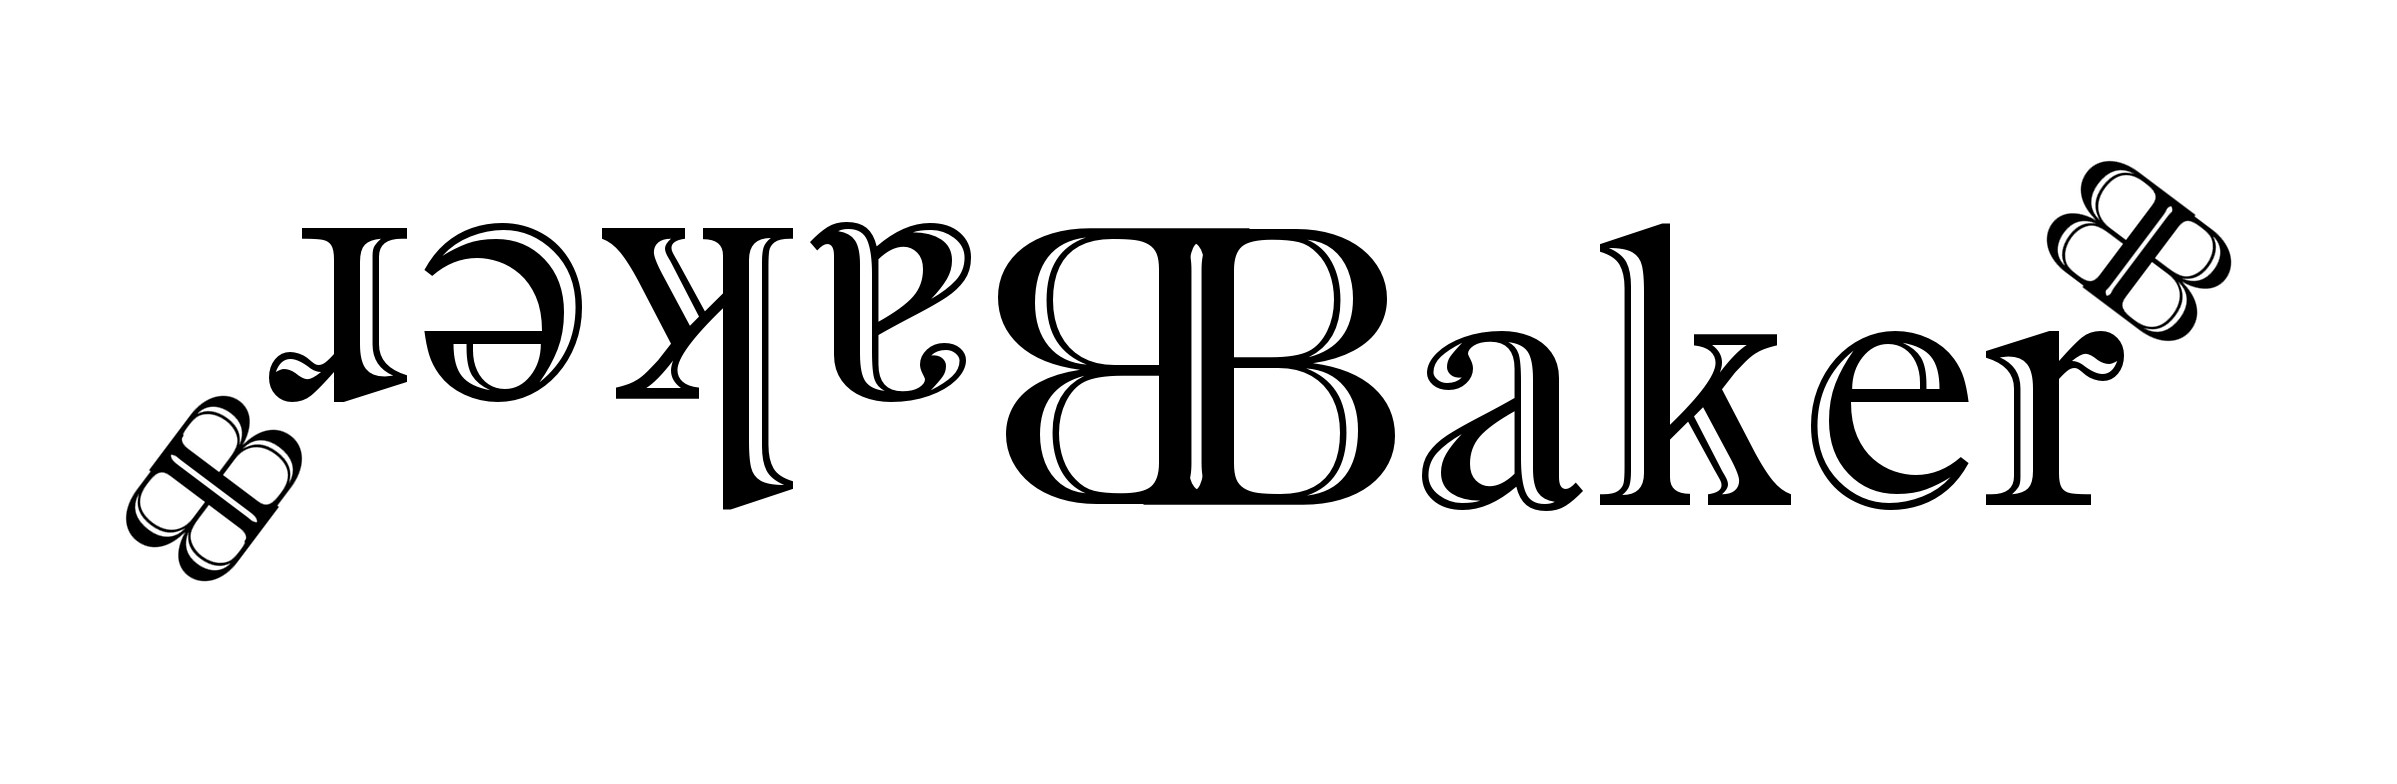 BakerBaker